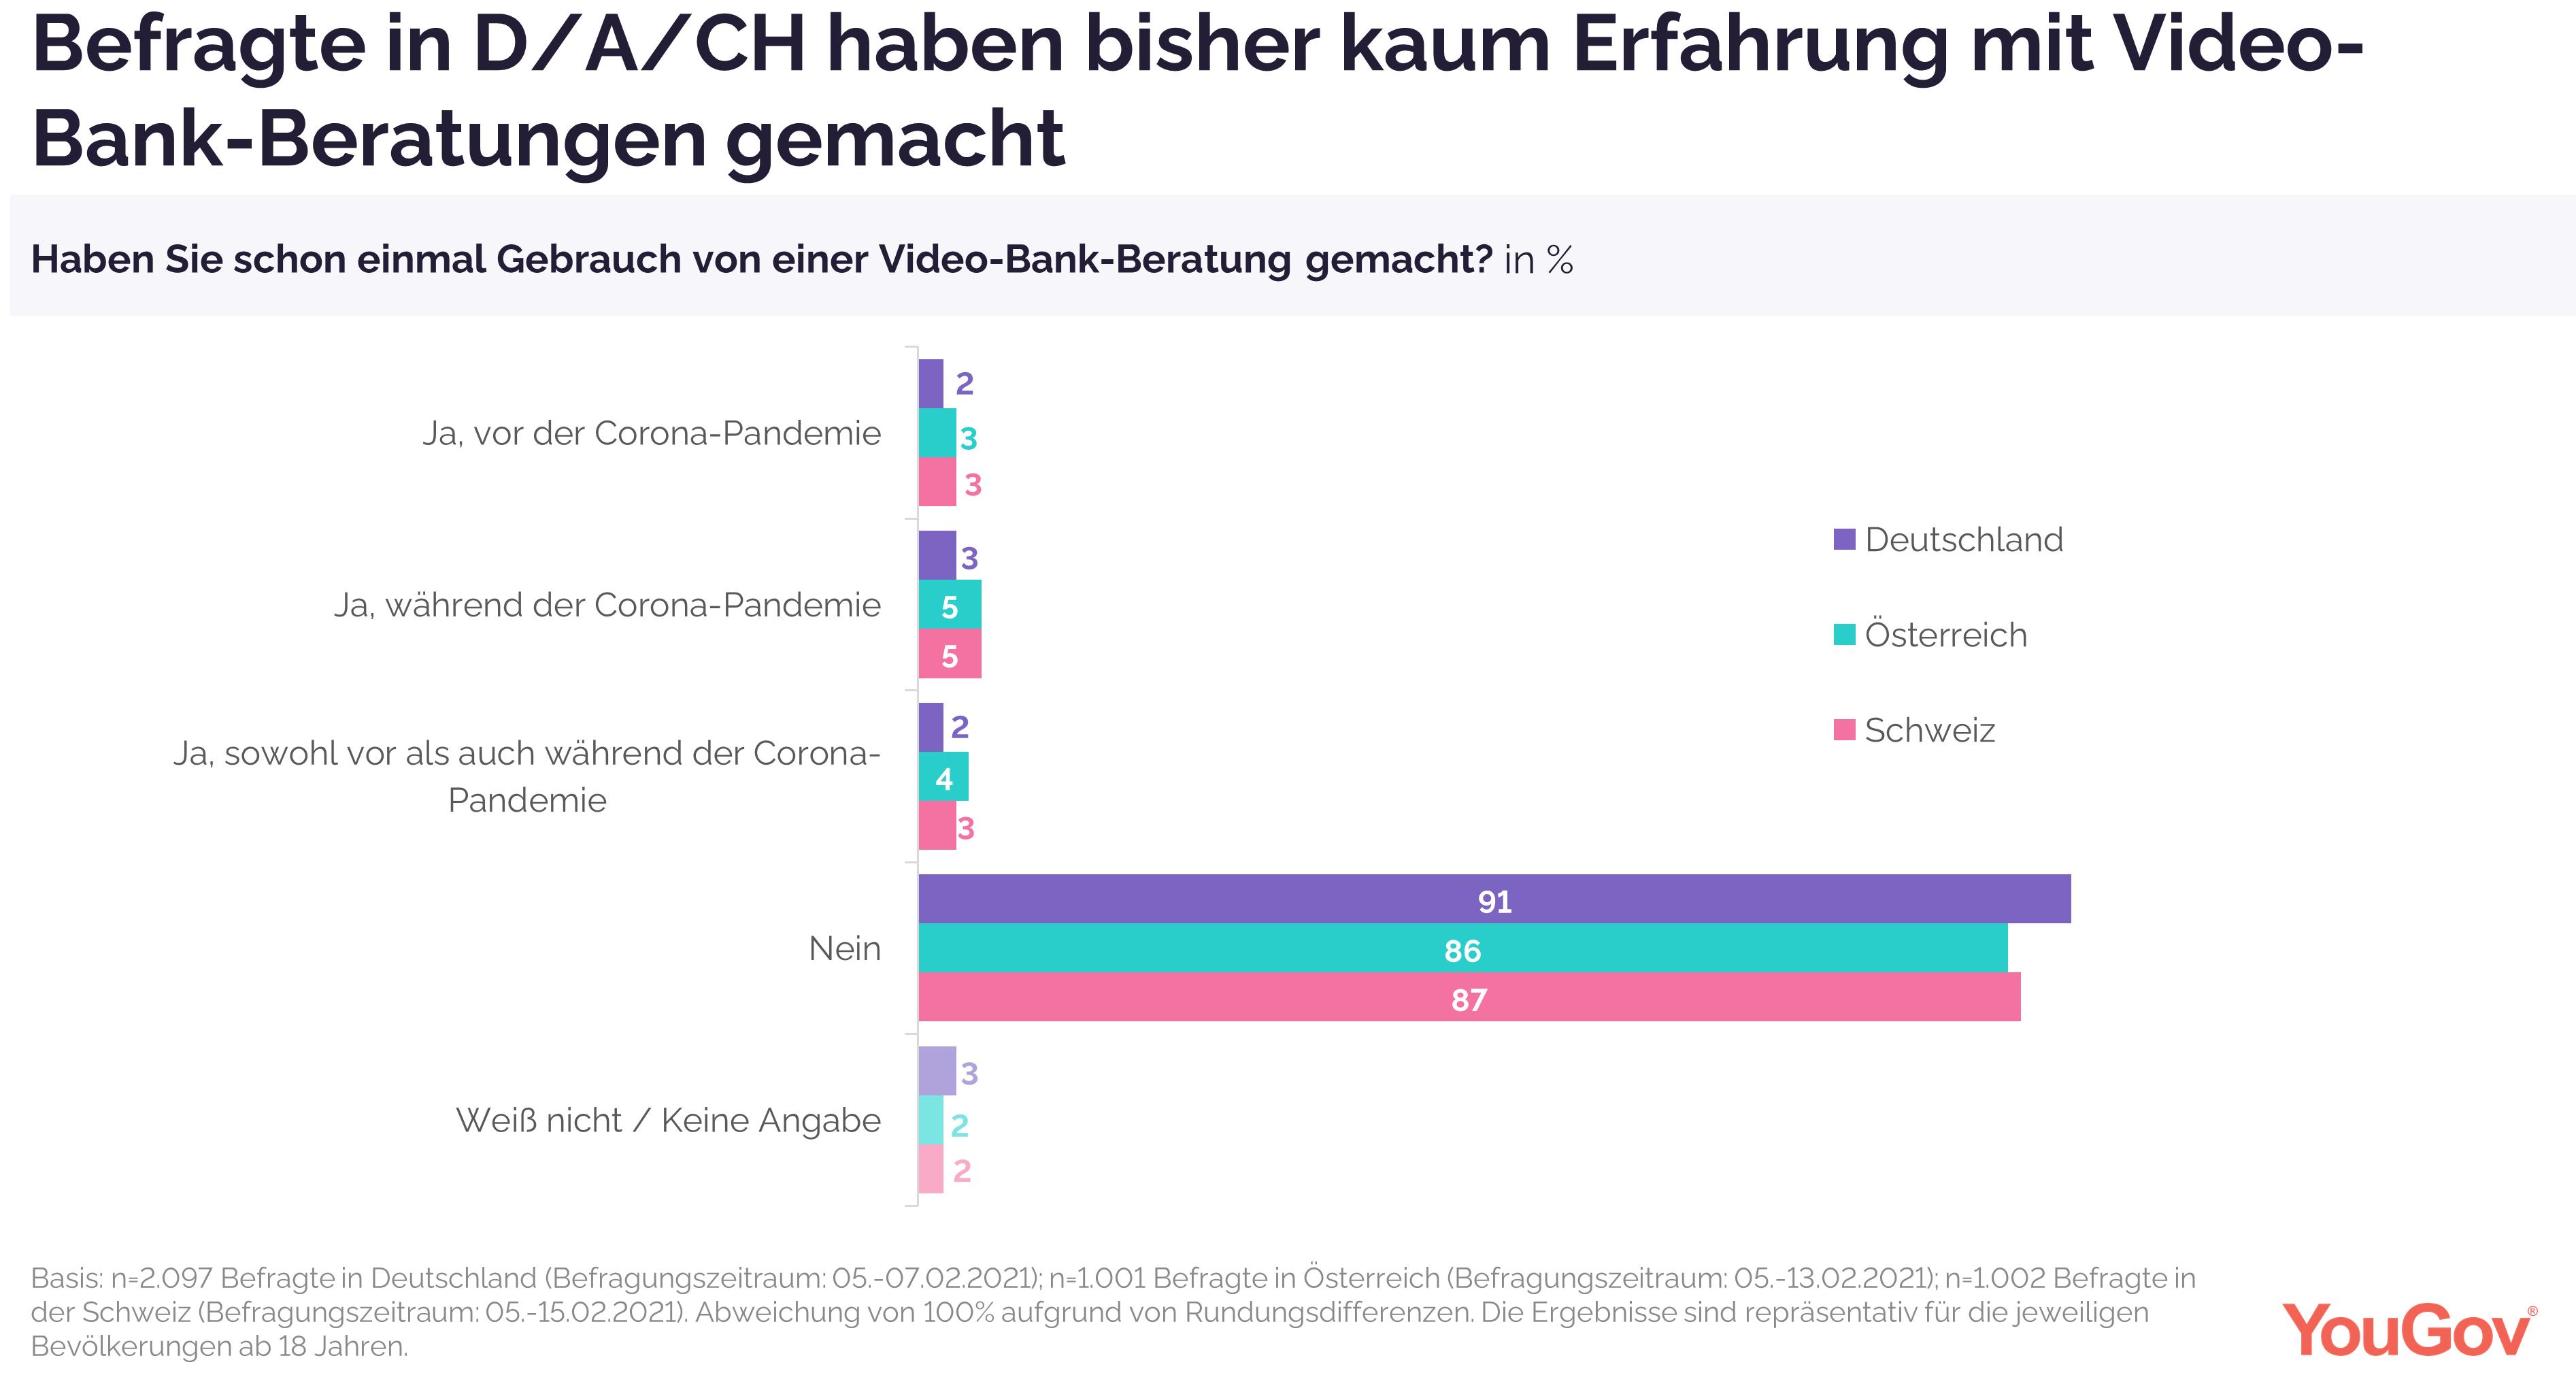 Befragte in Deutschland, Österreich und der Schweiz bisher noch wenig Erfahrung mit Video-Bank-Beratungen